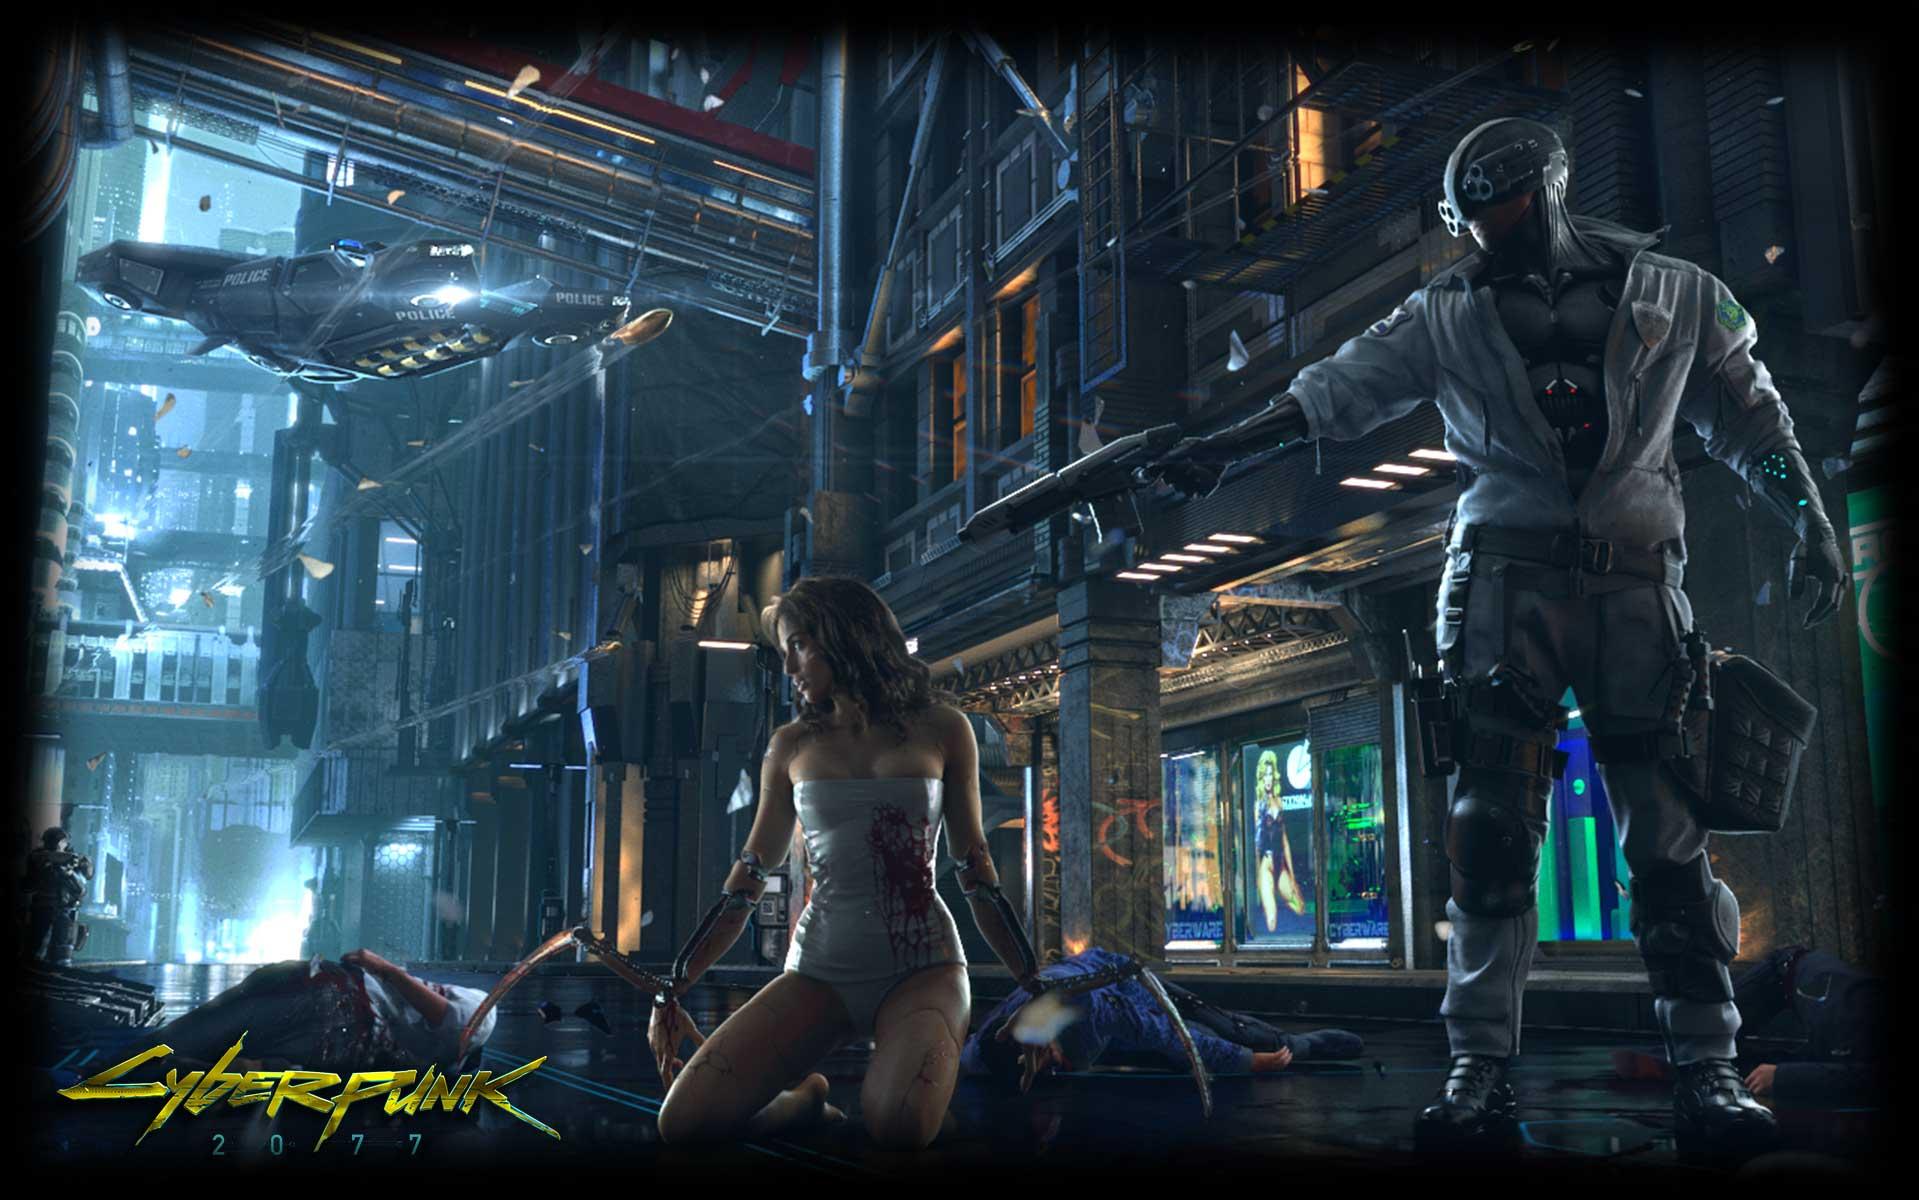 cyberpunk-2077-art-4